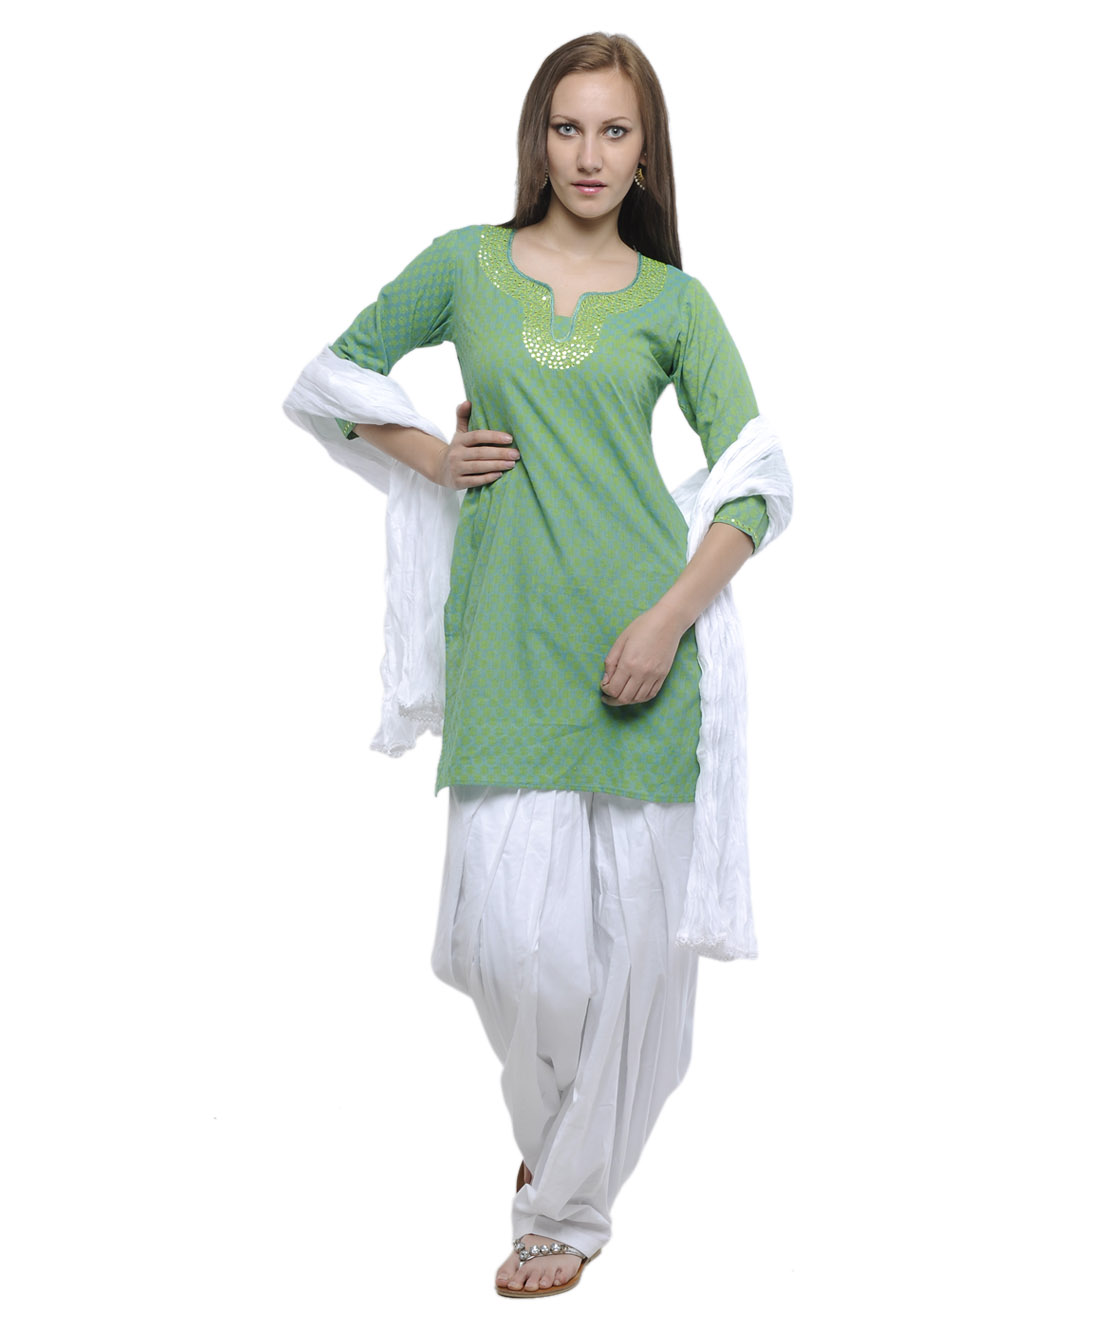 patiala dating Mens patiala suit, designer patiala suits rajwadi emporium india pvt ltd mg road, valsad - 396001 gujarat, india store enquiry 02632 - 254161, 243889.